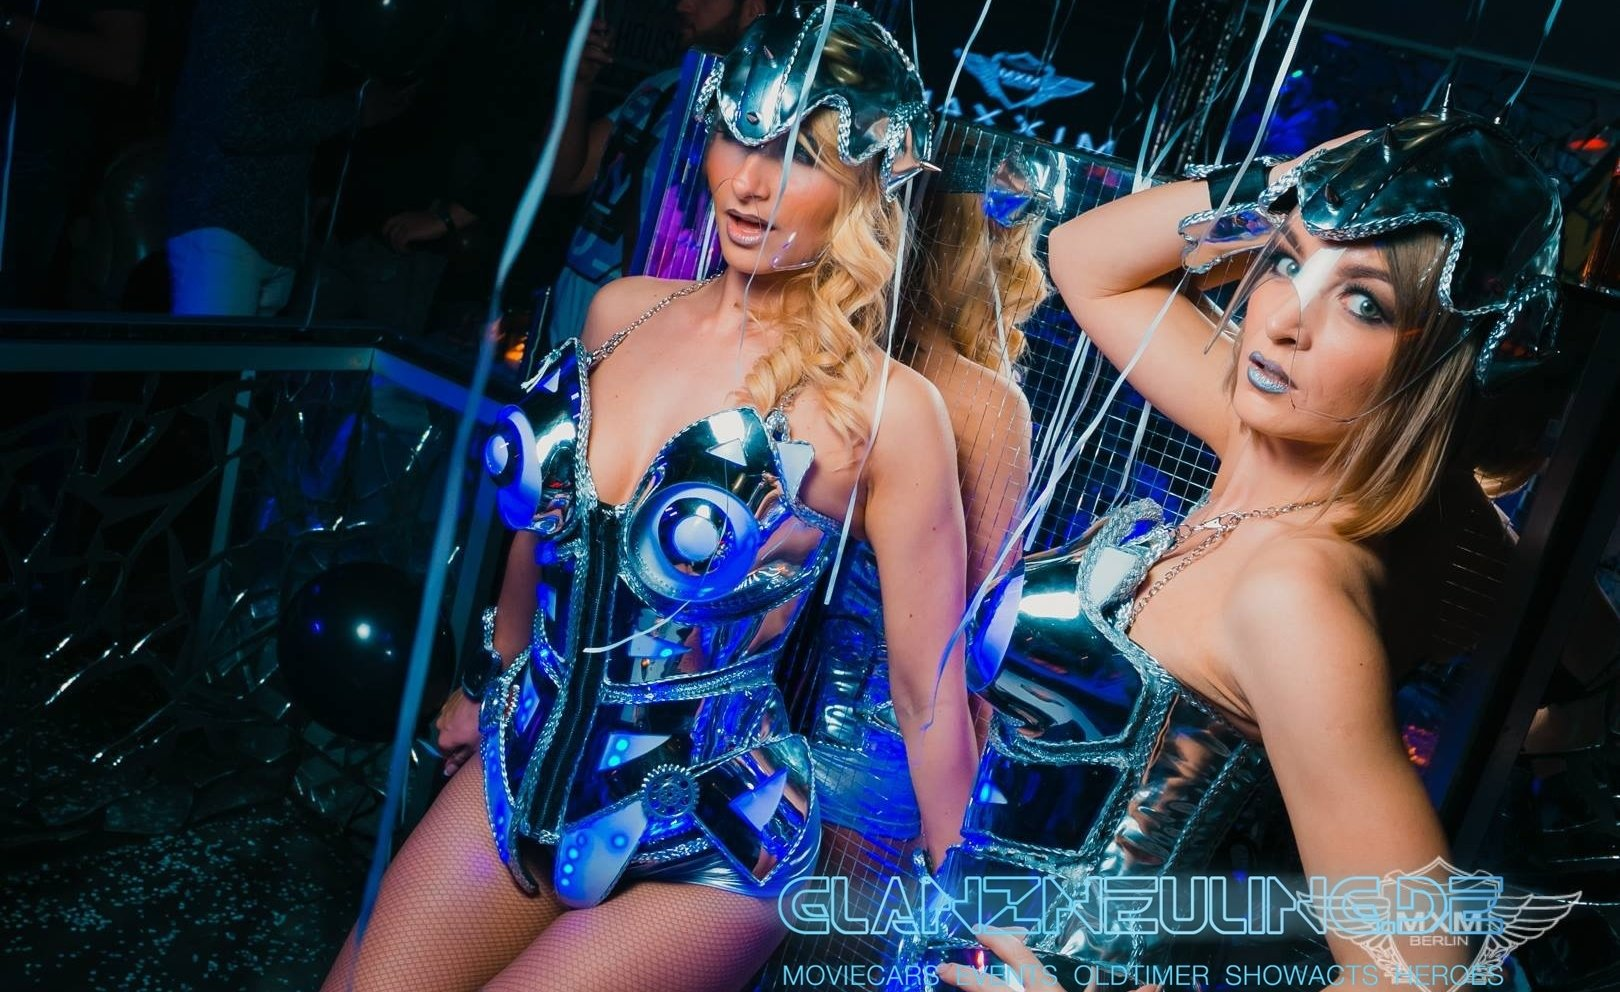 Silver Future Girls als Robot Show und LED Event mieten buchen